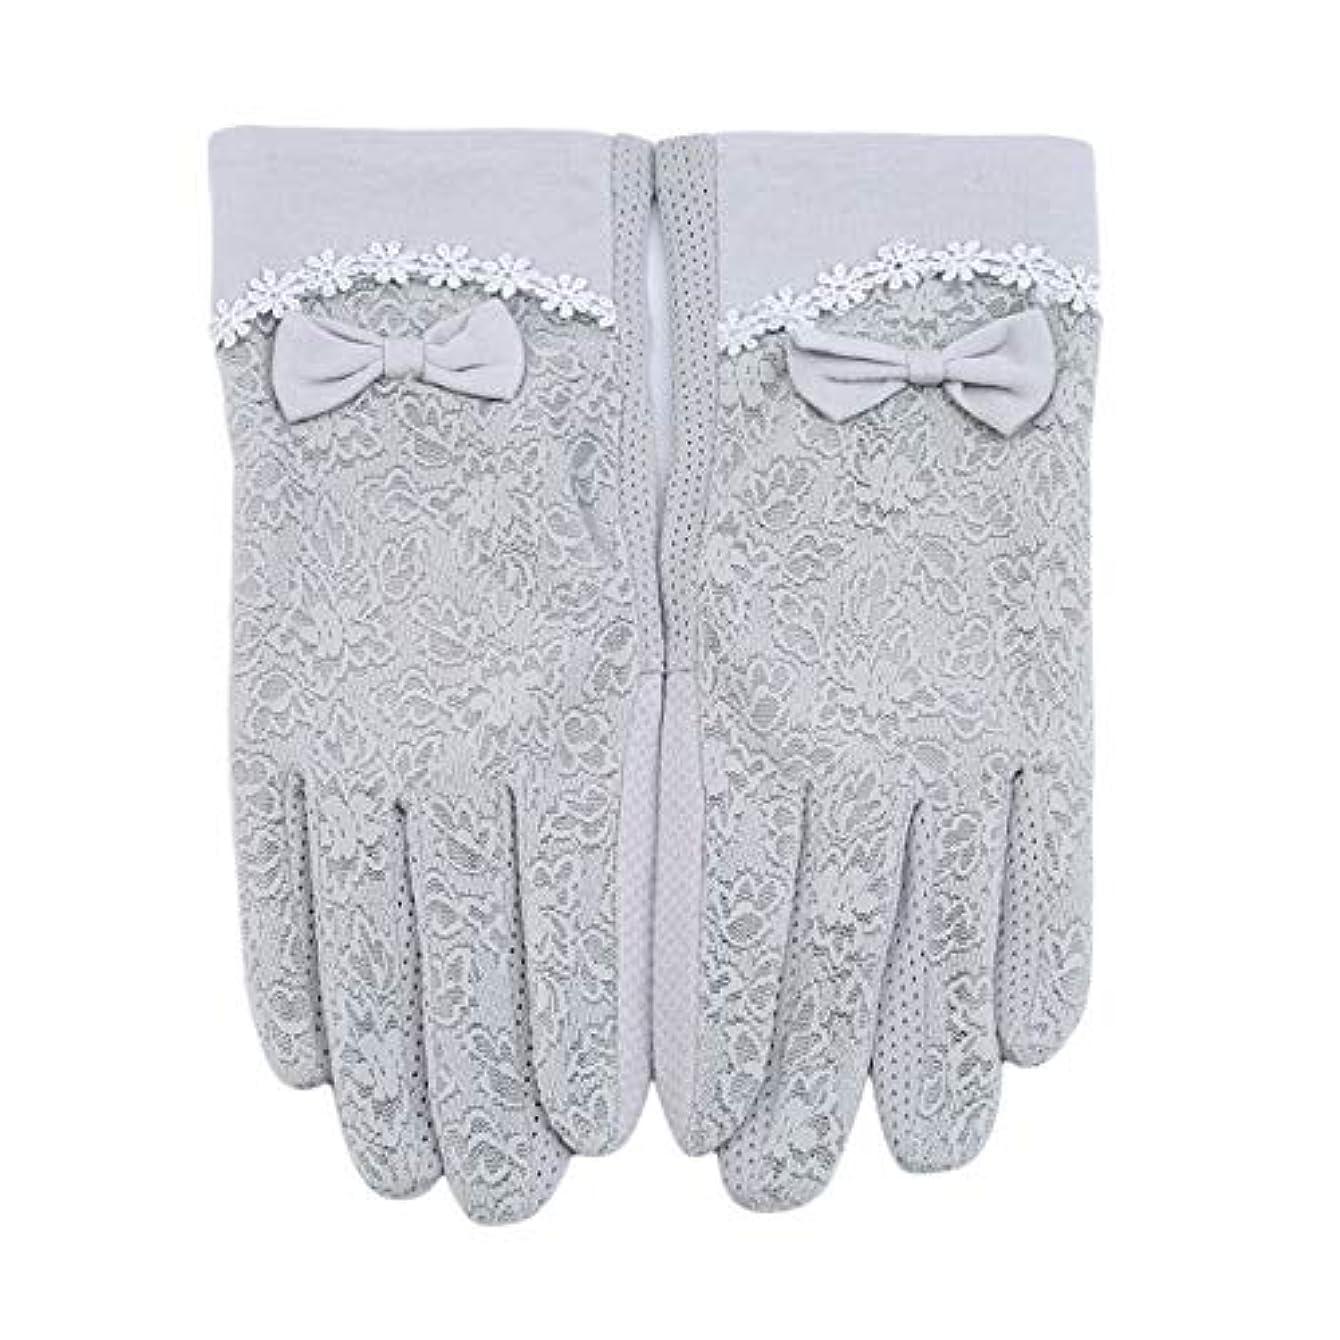 やるズボン東部MODMHB 手袋 UVカット 手触りが良い 紫外線カット 日焼け防止 ハンド ケア 手荒い対策 保湿 保護 抗菌 防臭